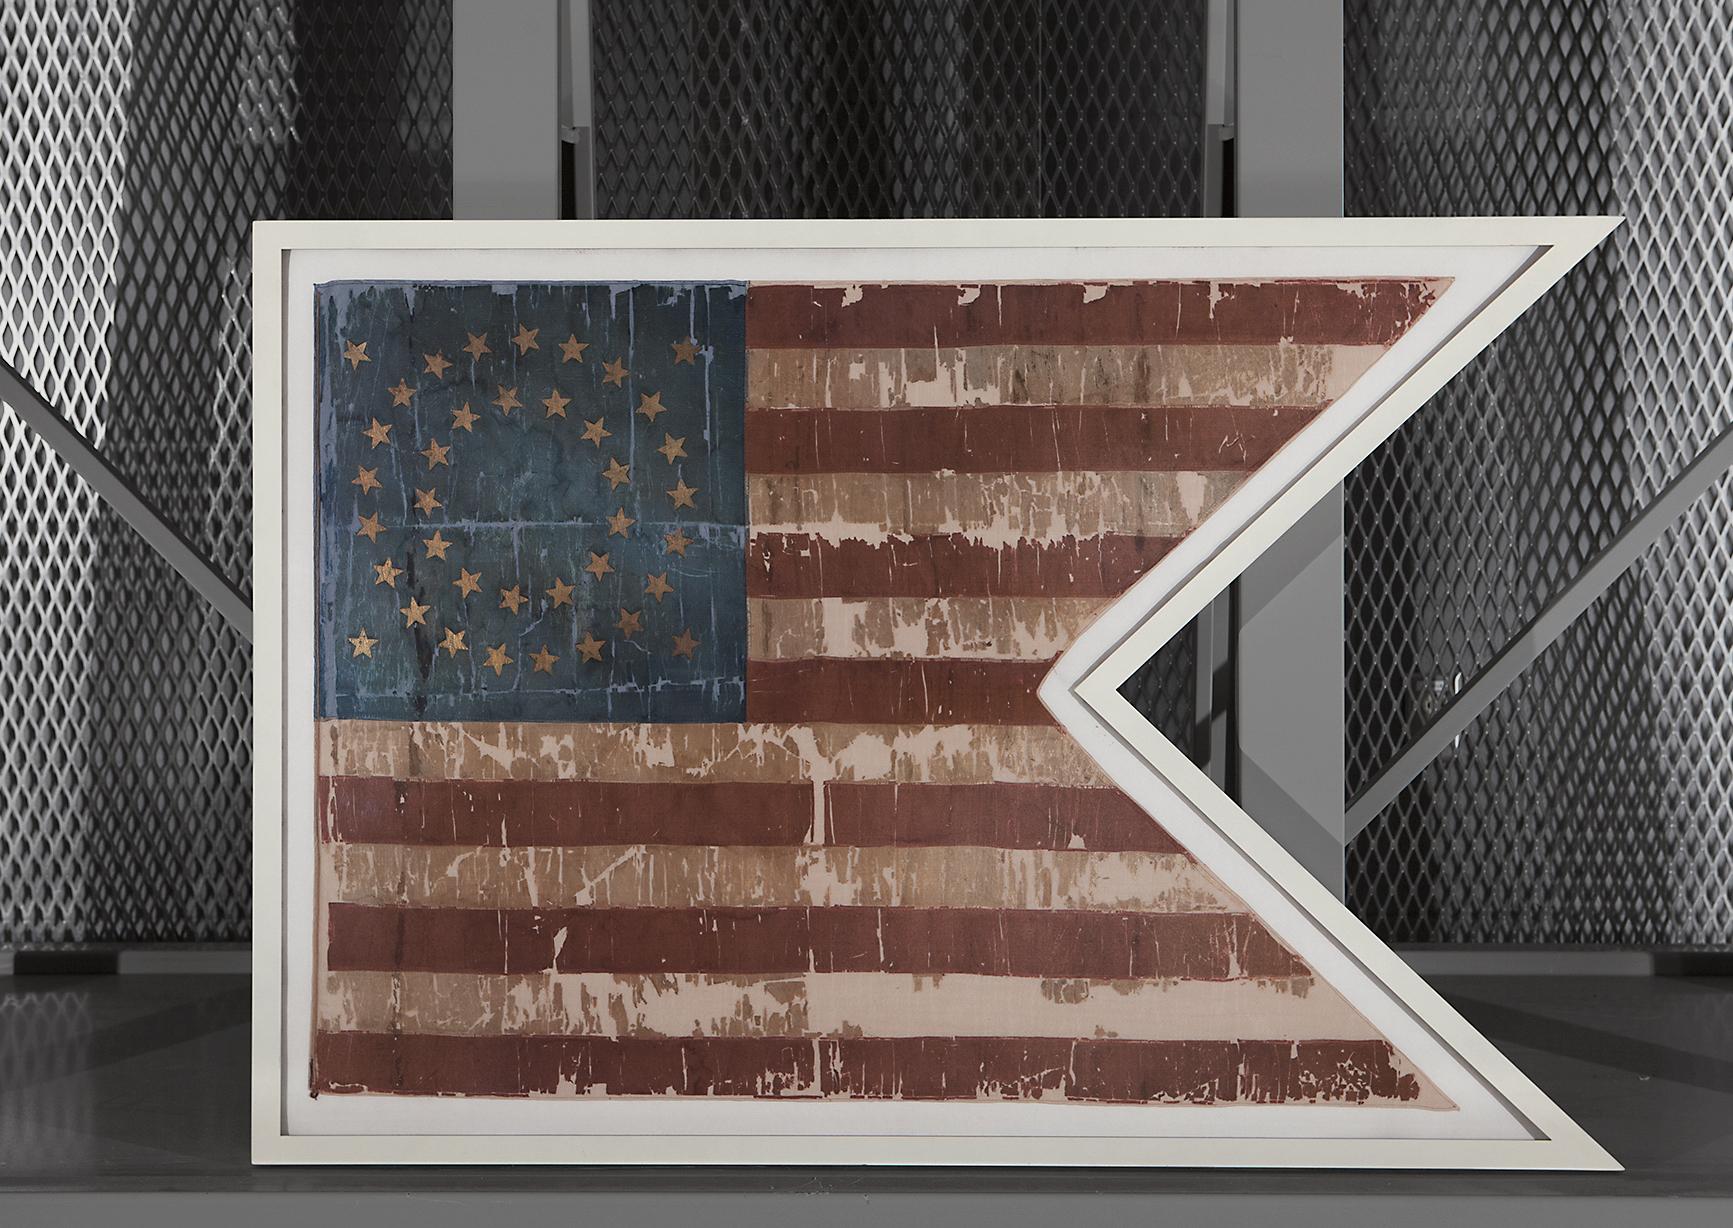 Custom Shaped Aluminum Frame for American Flag